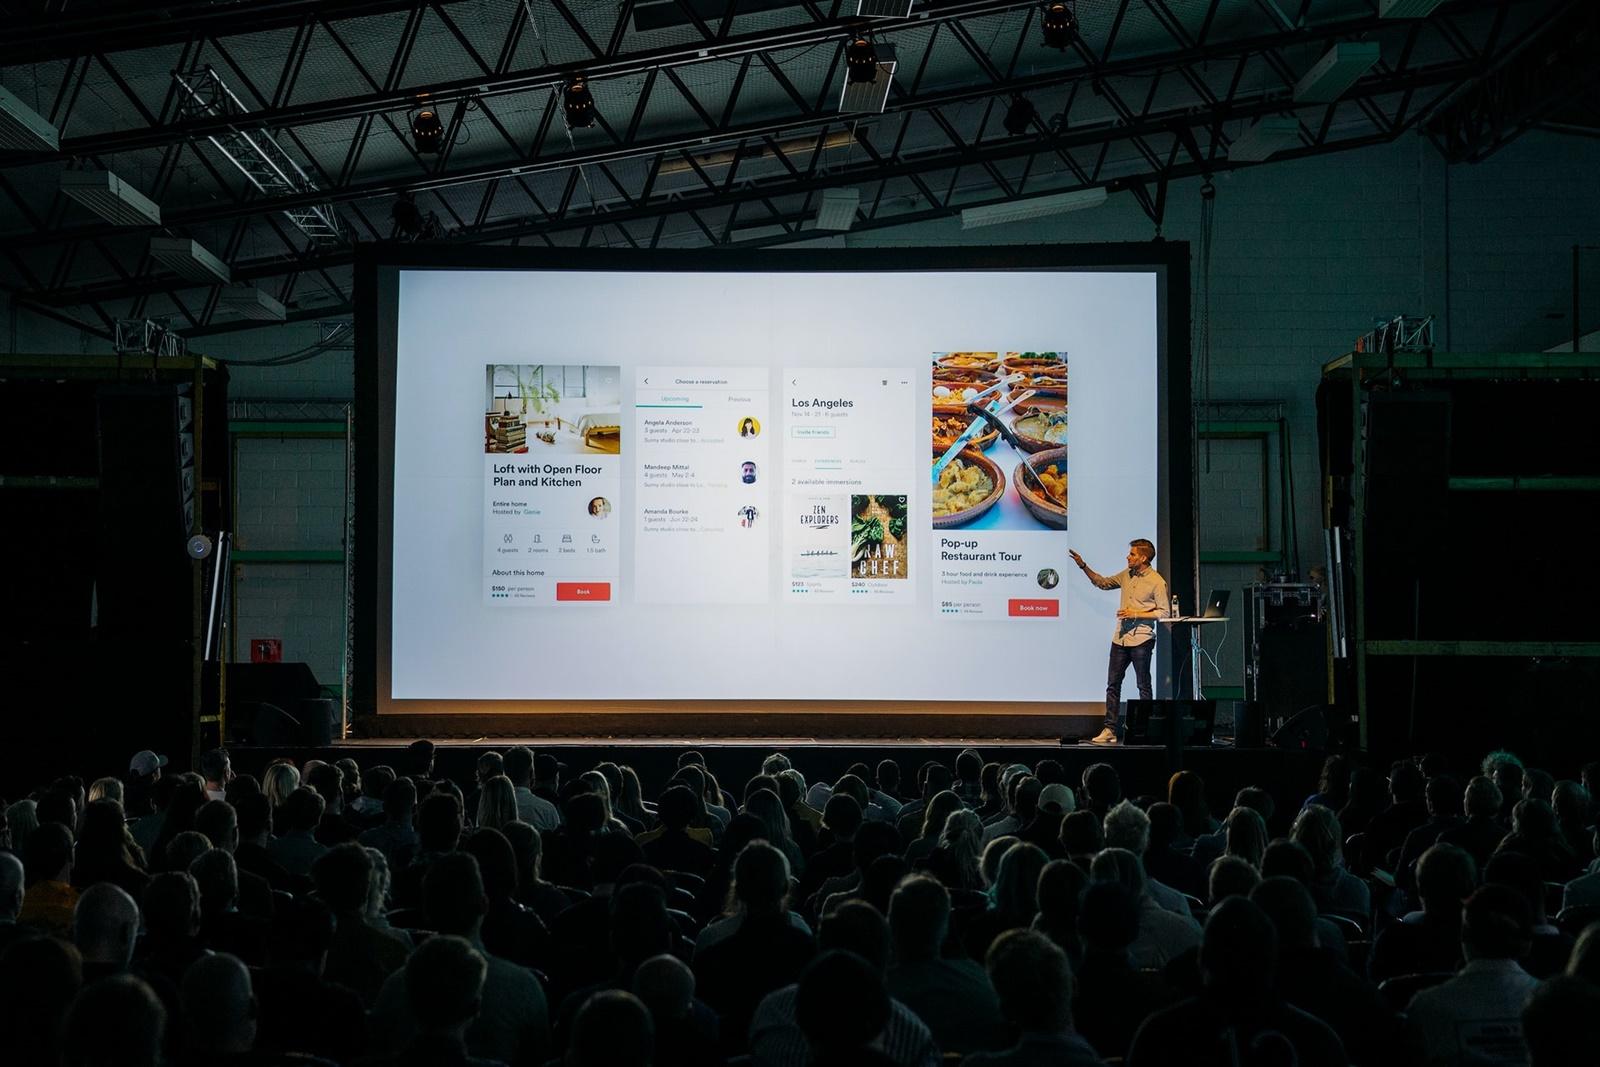 Homem em palco faz apresentação sobre airbnb